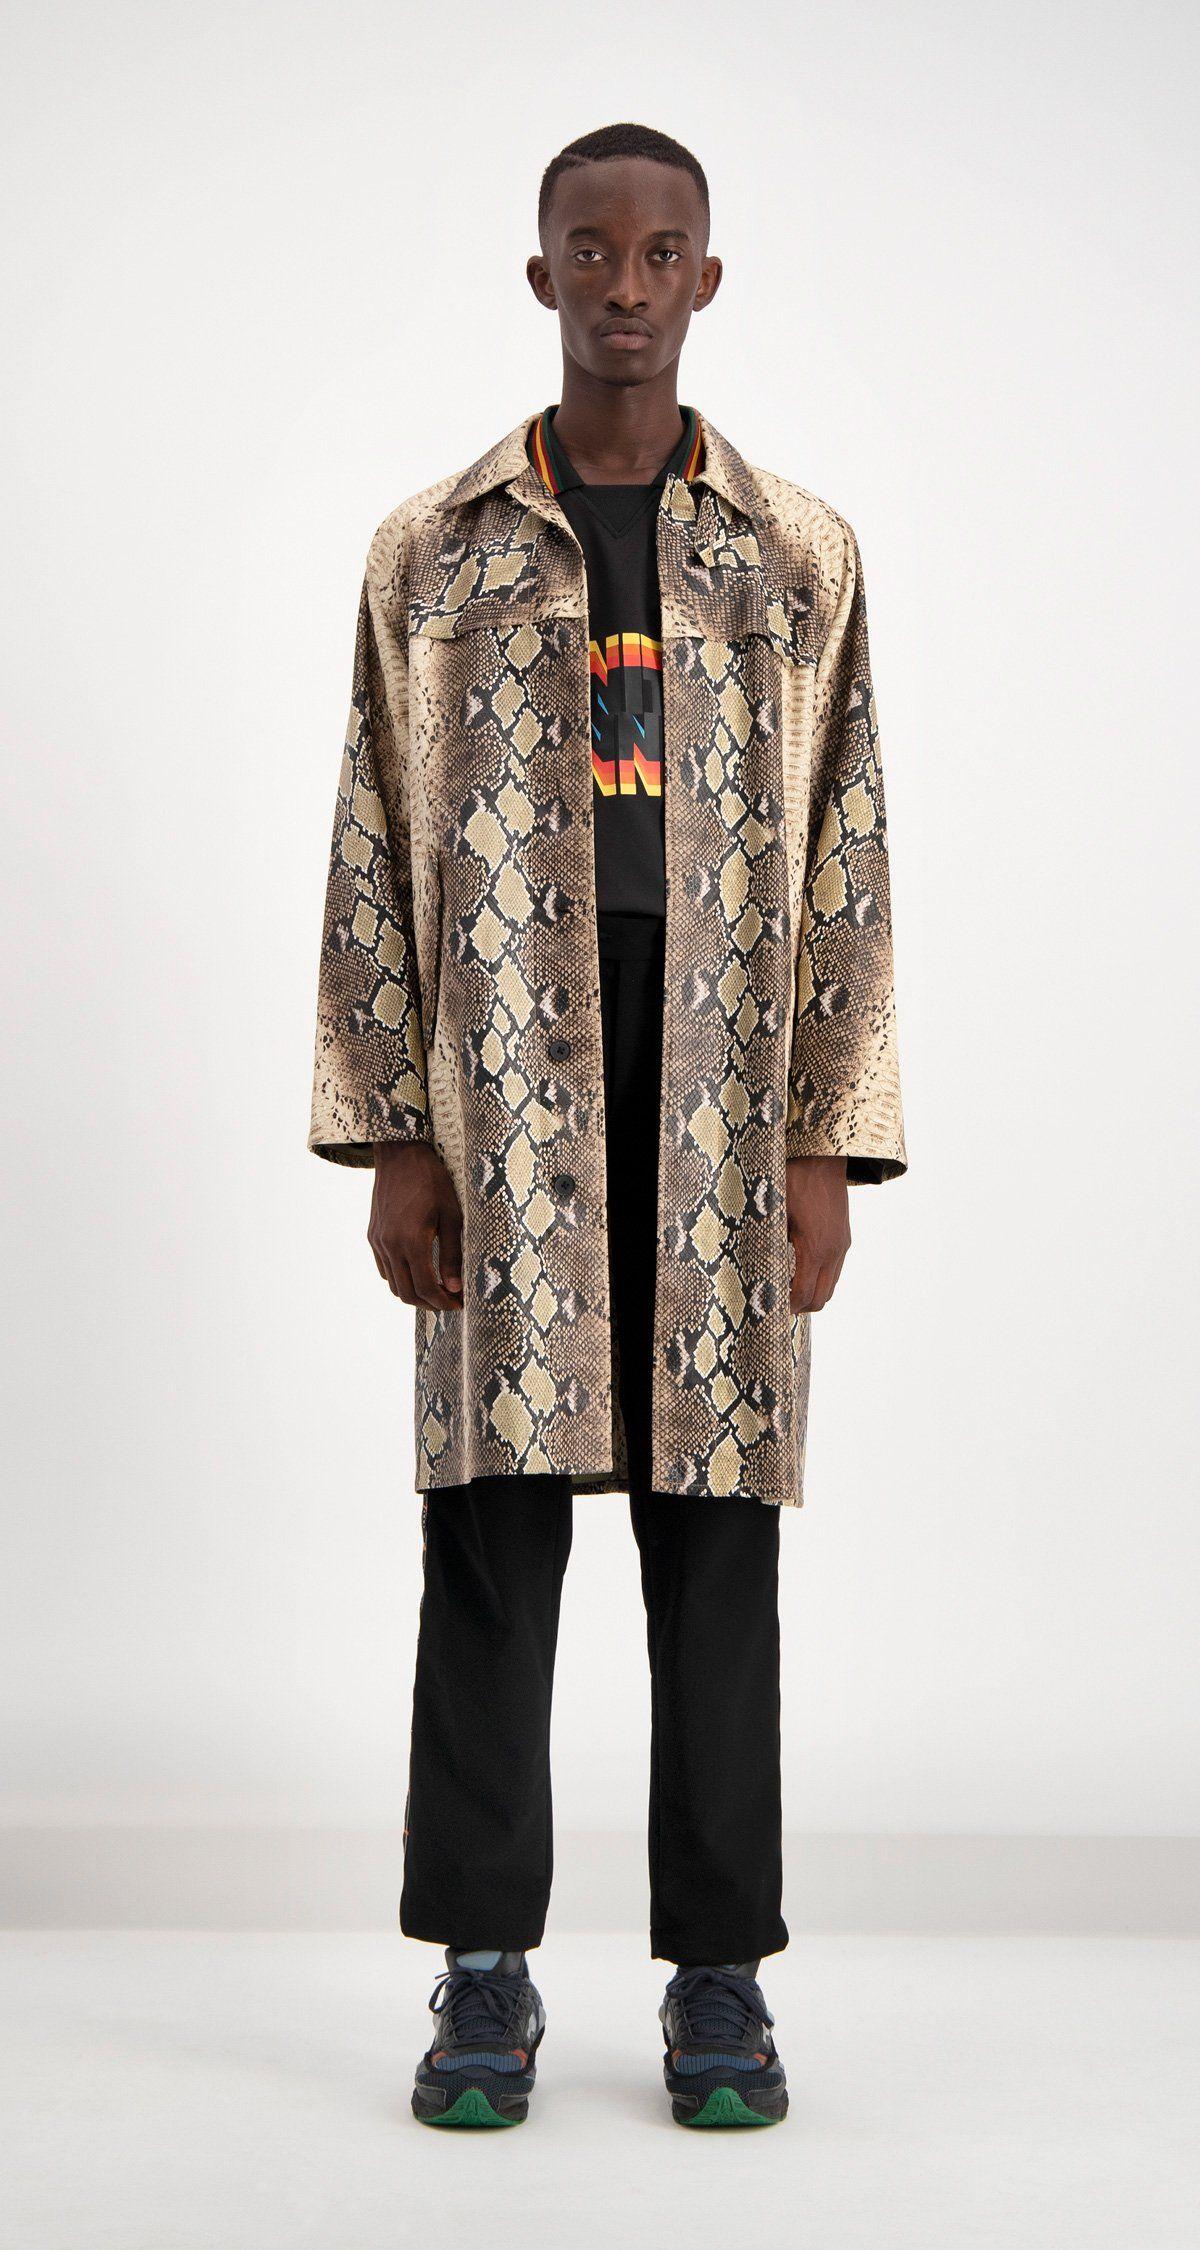 042734fe3 Snake Skin Dain Jacket | Snakeskin Shirts for Men | Snake skin ...